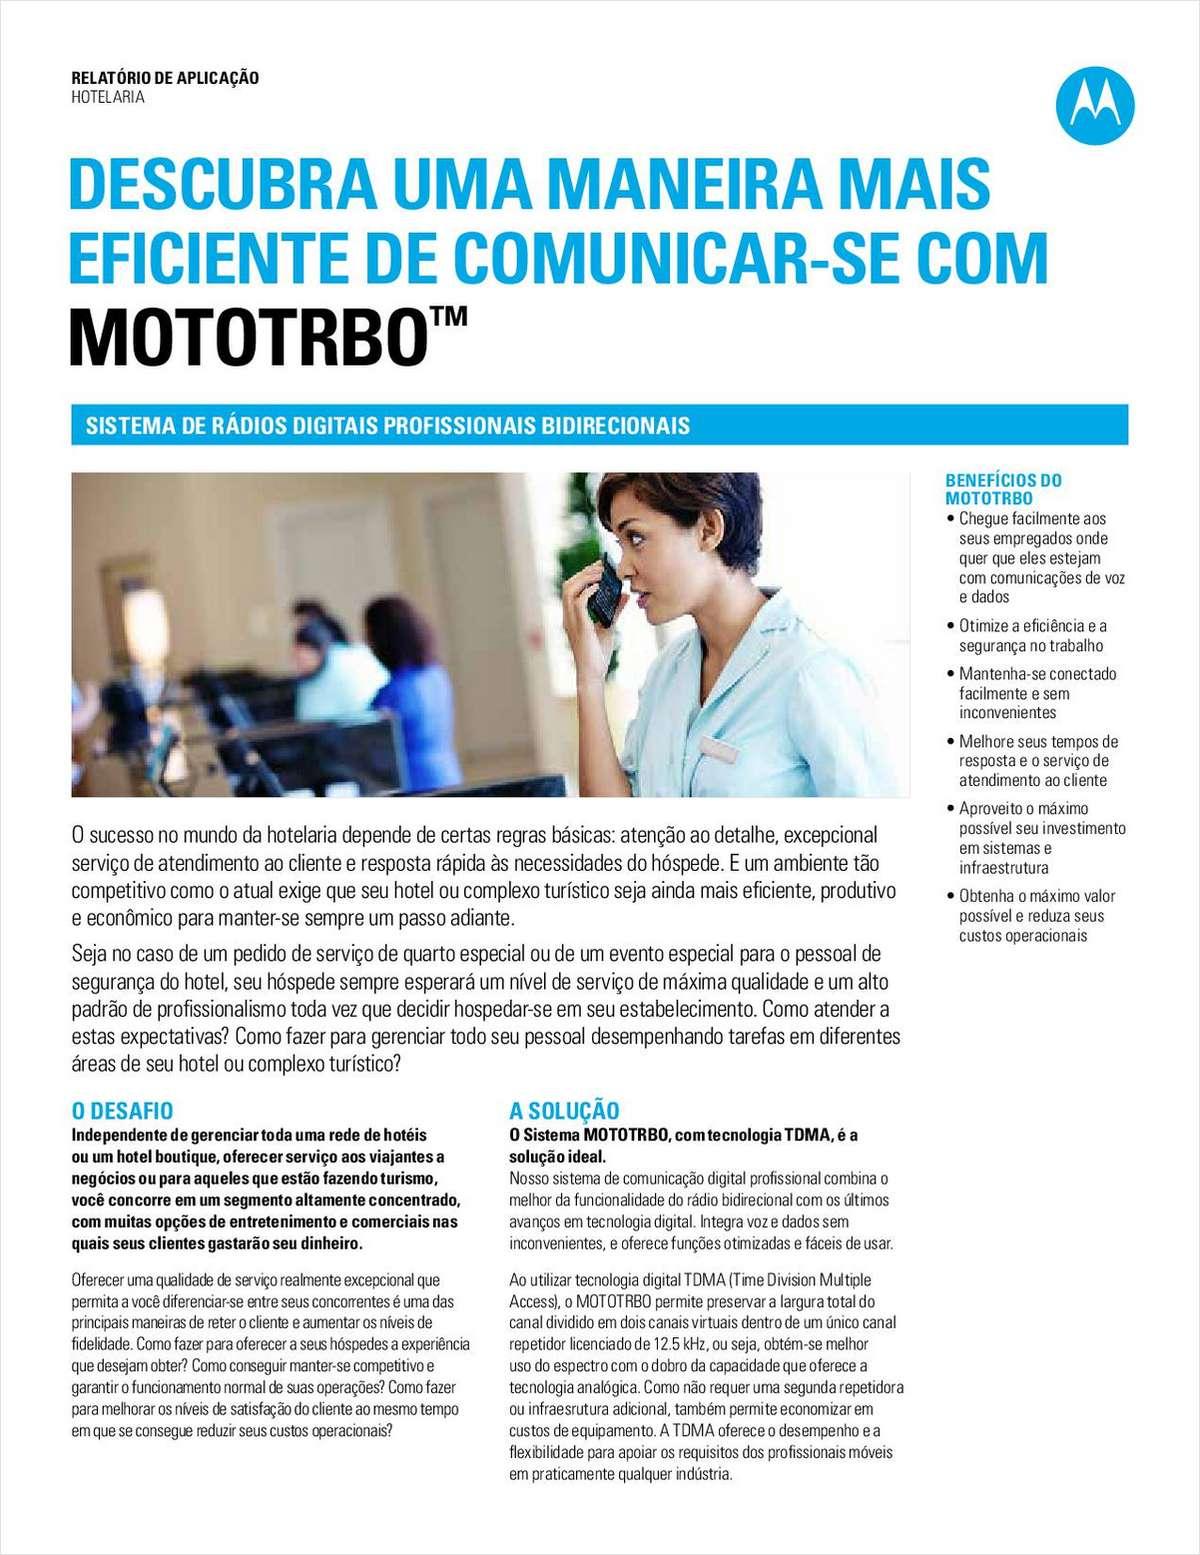 Descubra uma maneira mais eficiente de se comunicar com o MOTOTRBO™